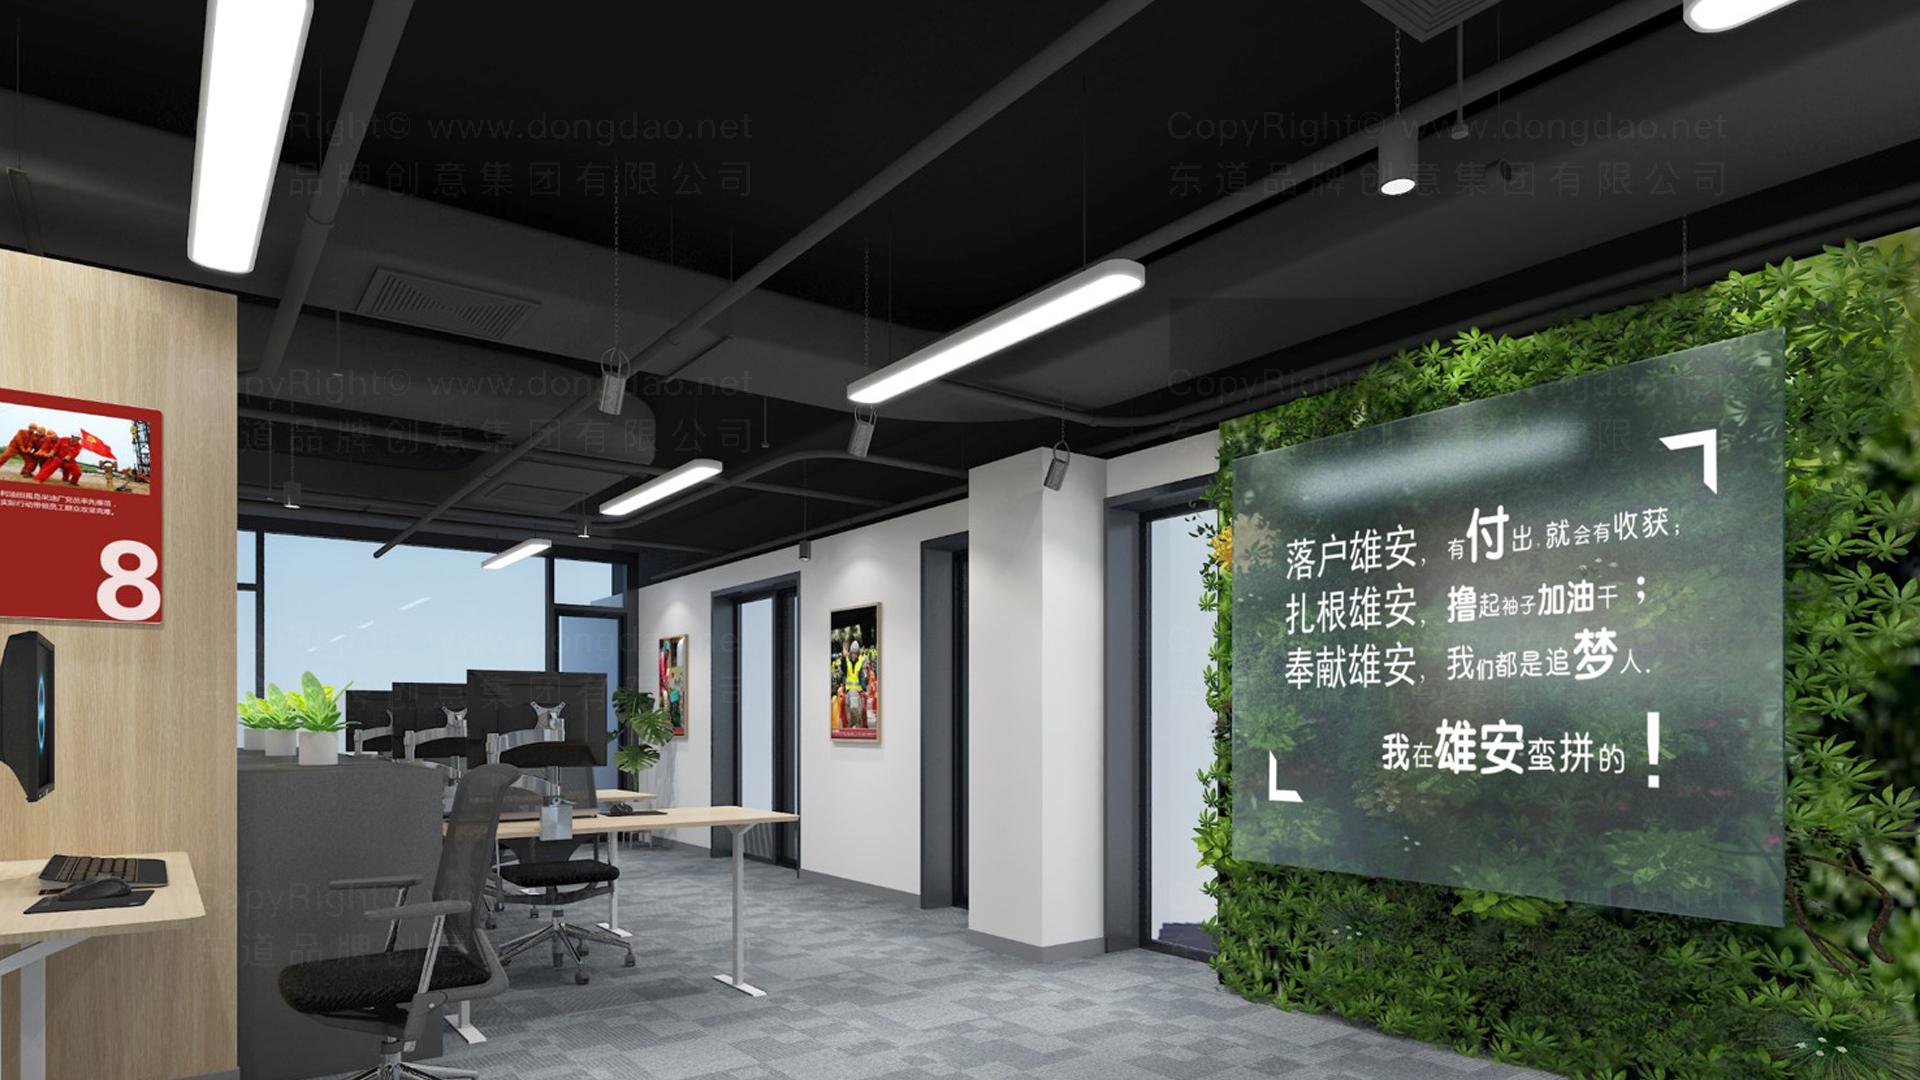 商业空间&导示中国石化雄安办公空间设计应用